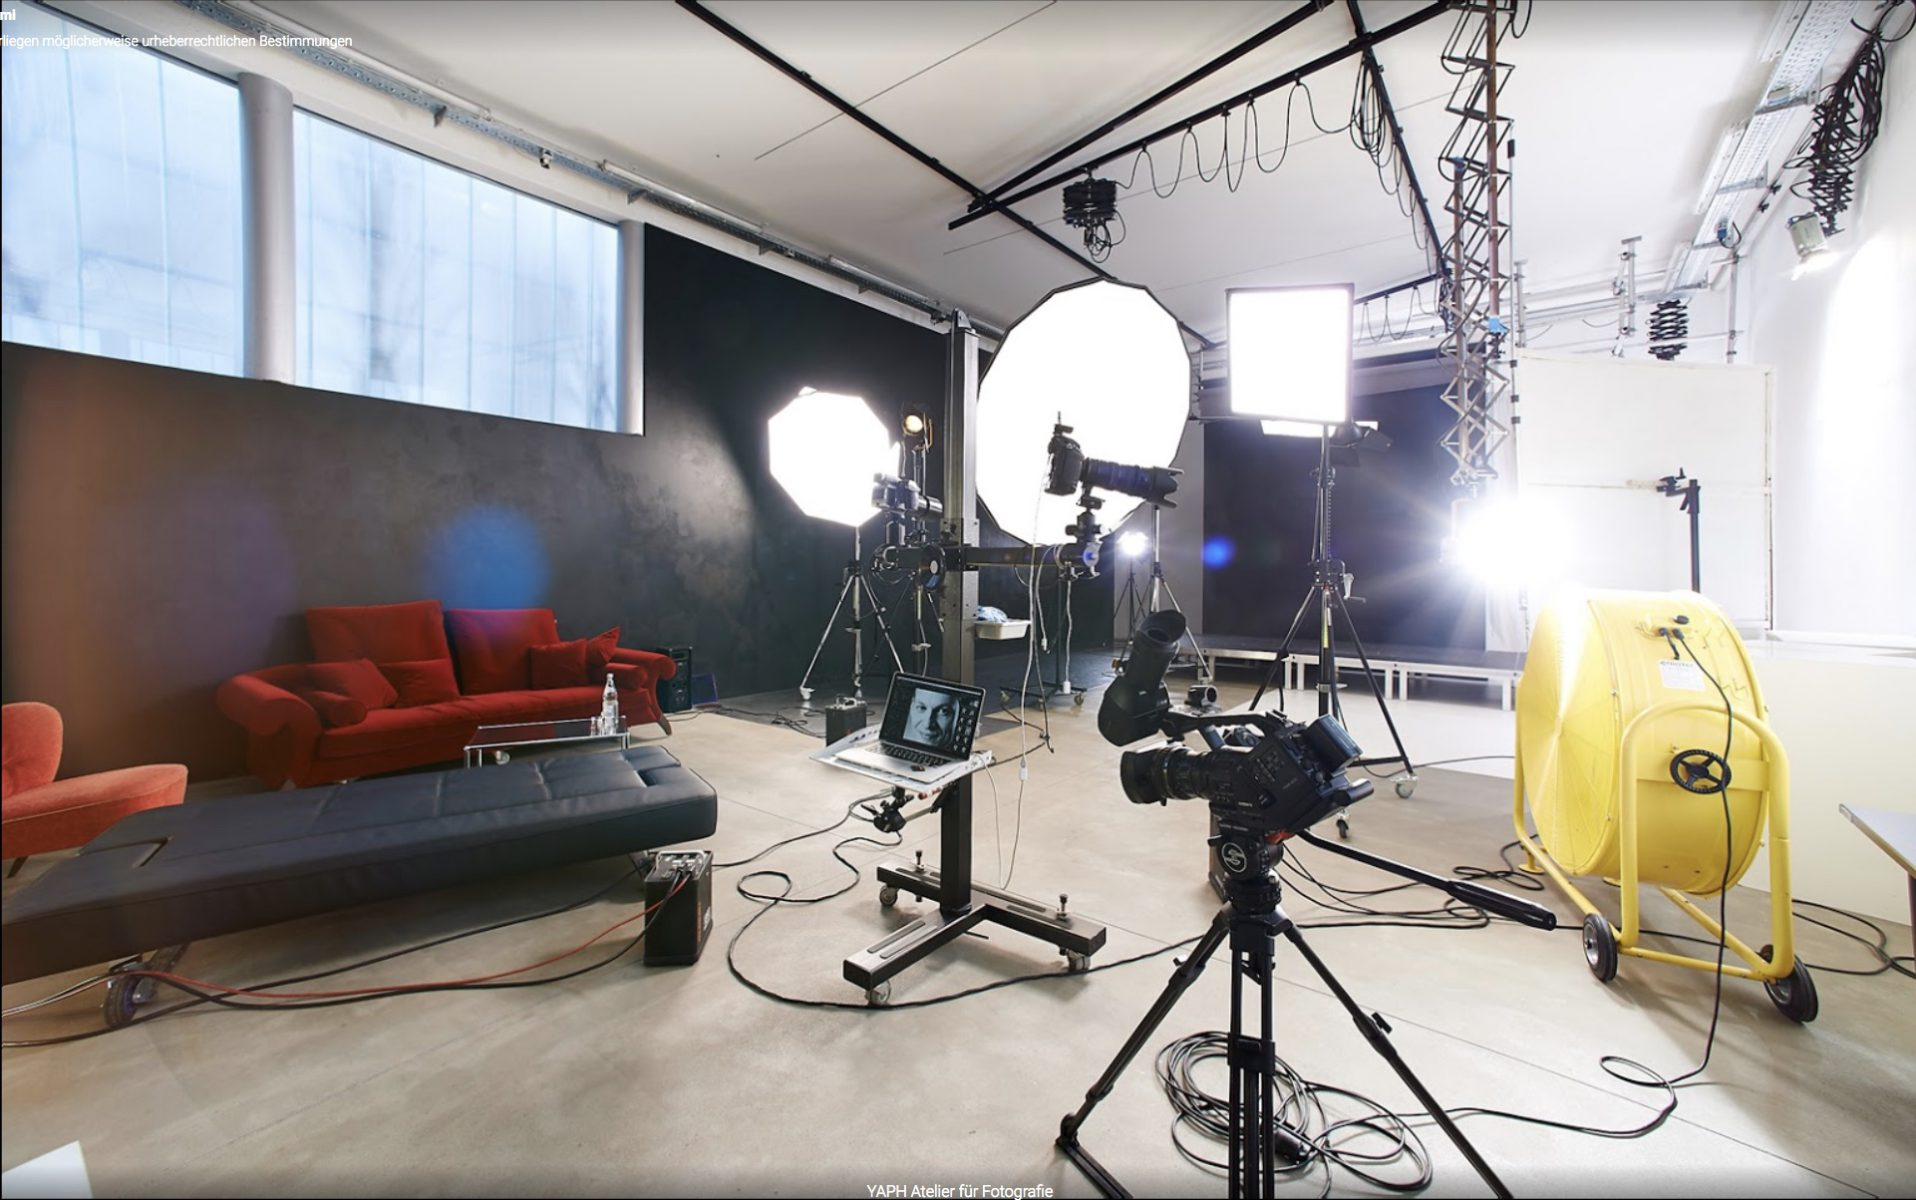 Das Fotostudio Yaph in Trier ist 700 qm groß und technisch auf dem höchsten Niveau.